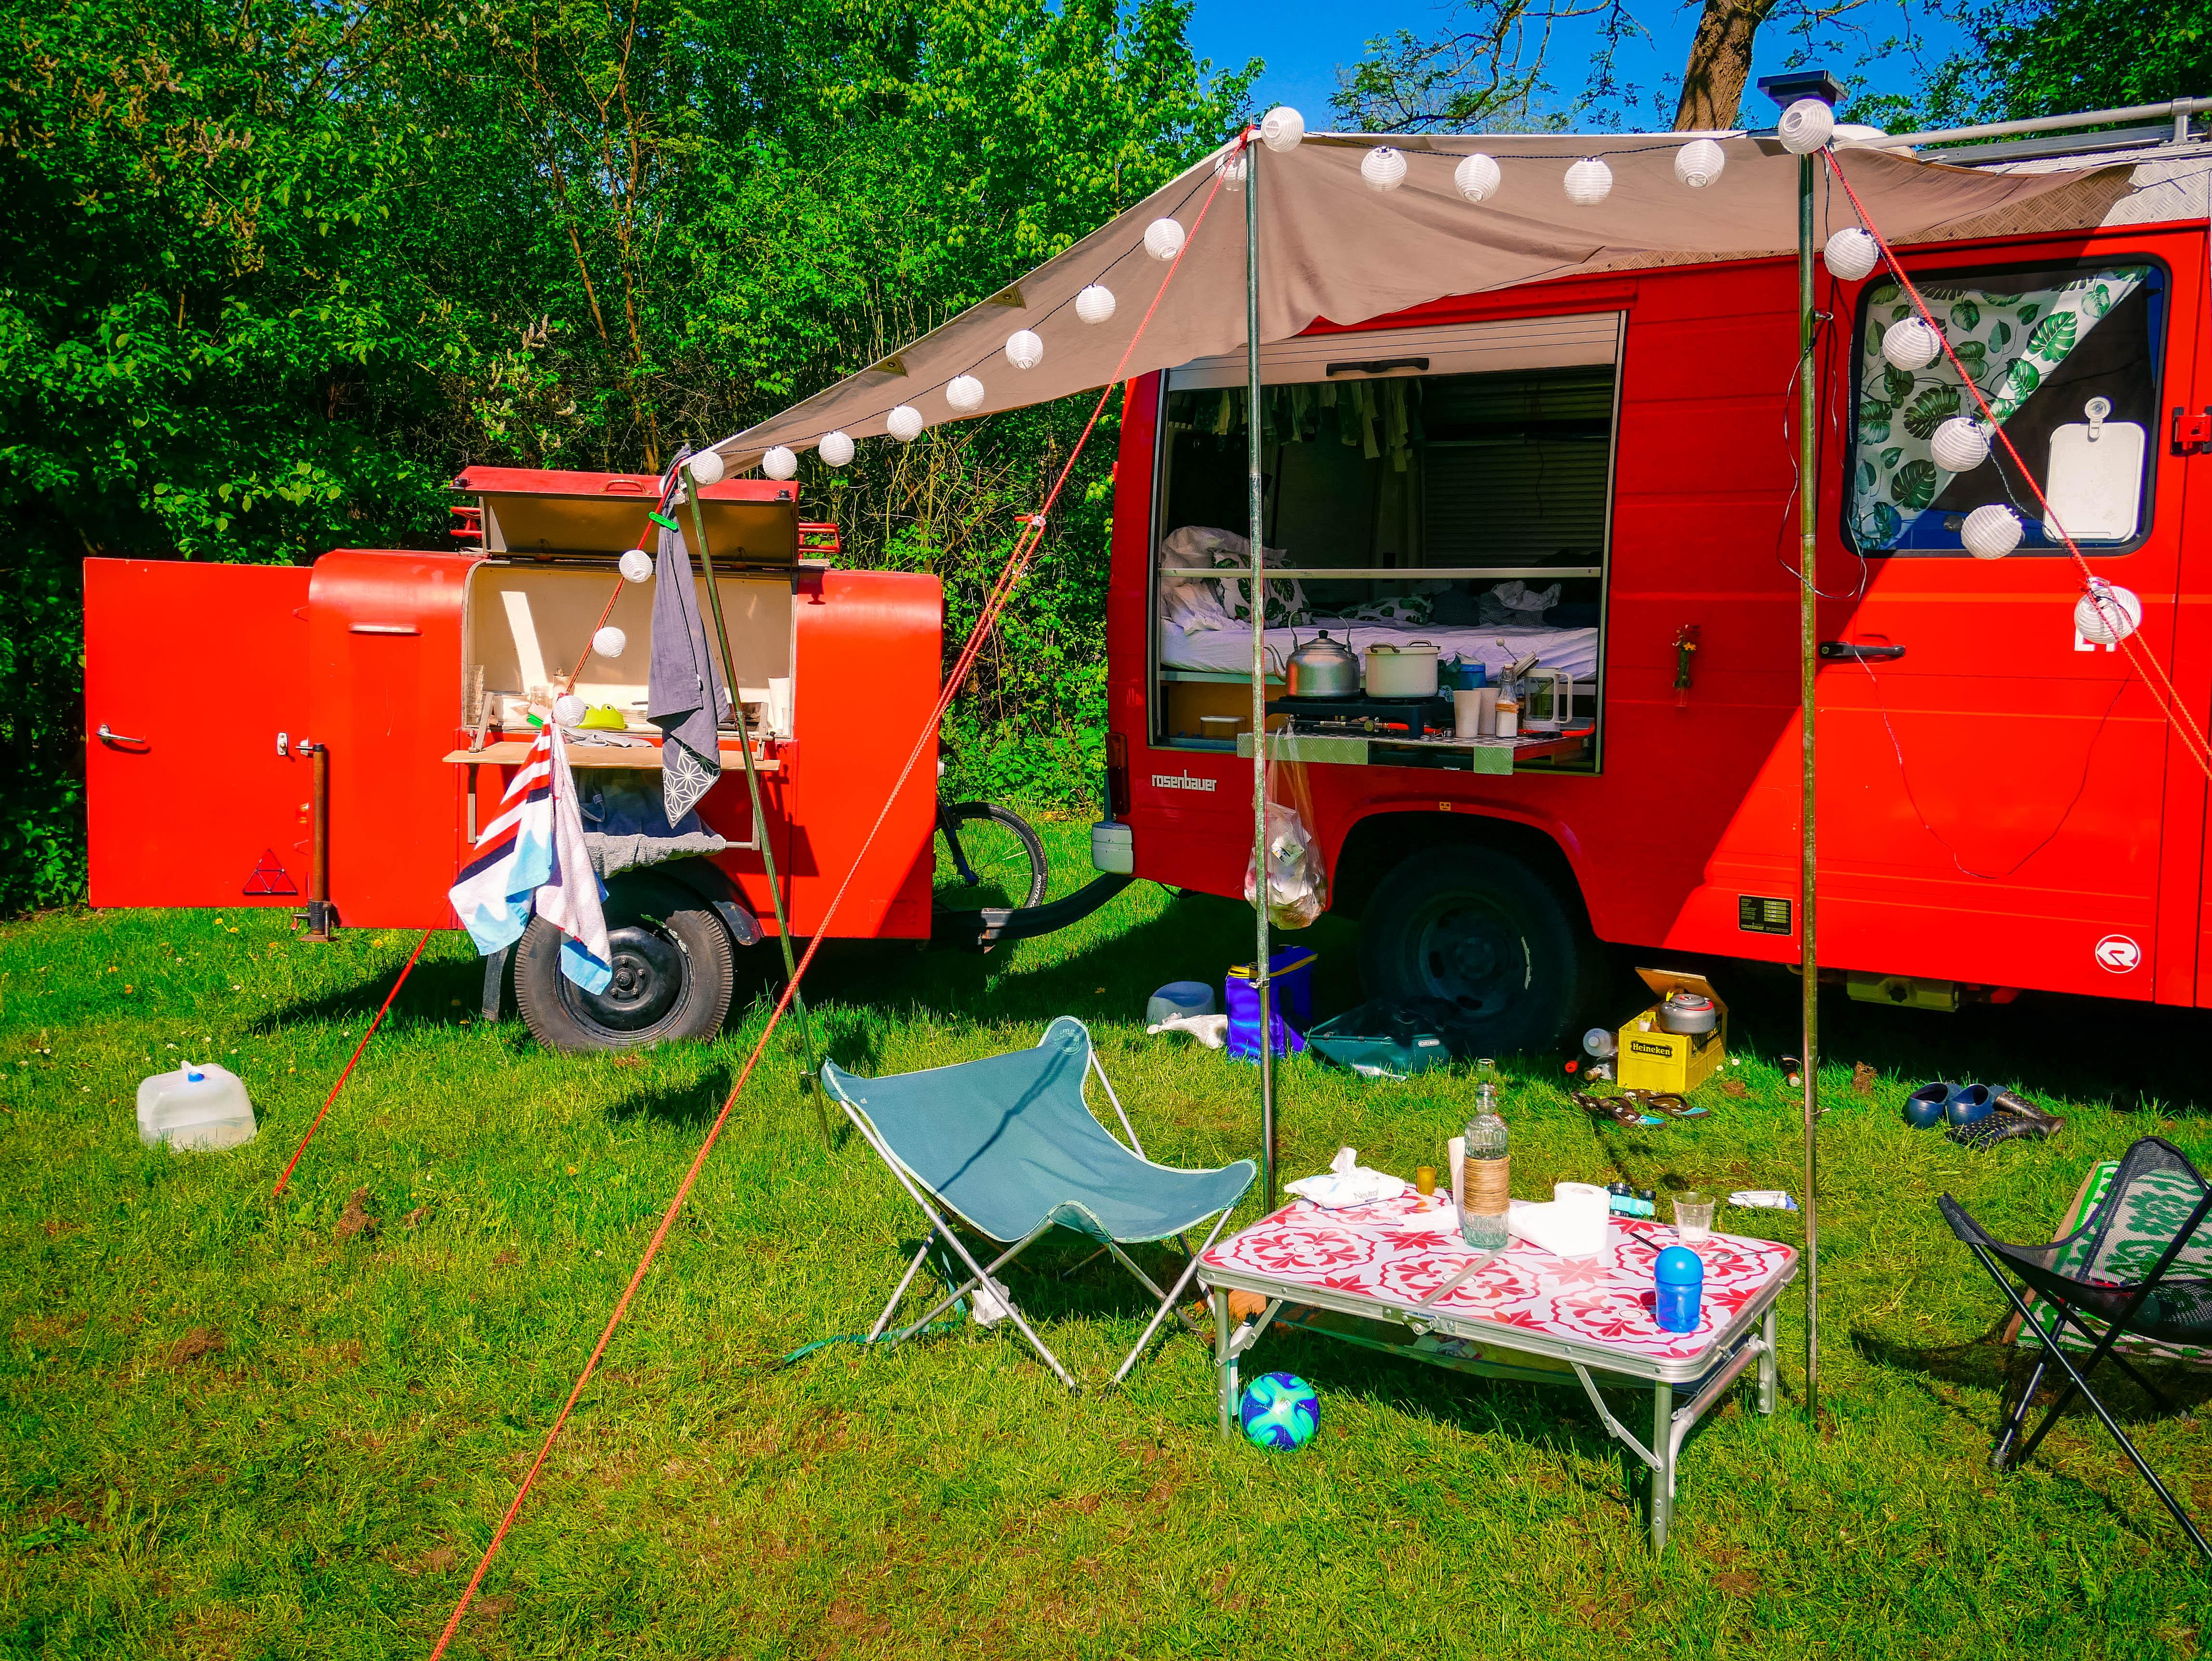 Duurzame vakanties, camping, floortje dessing, groener wonen